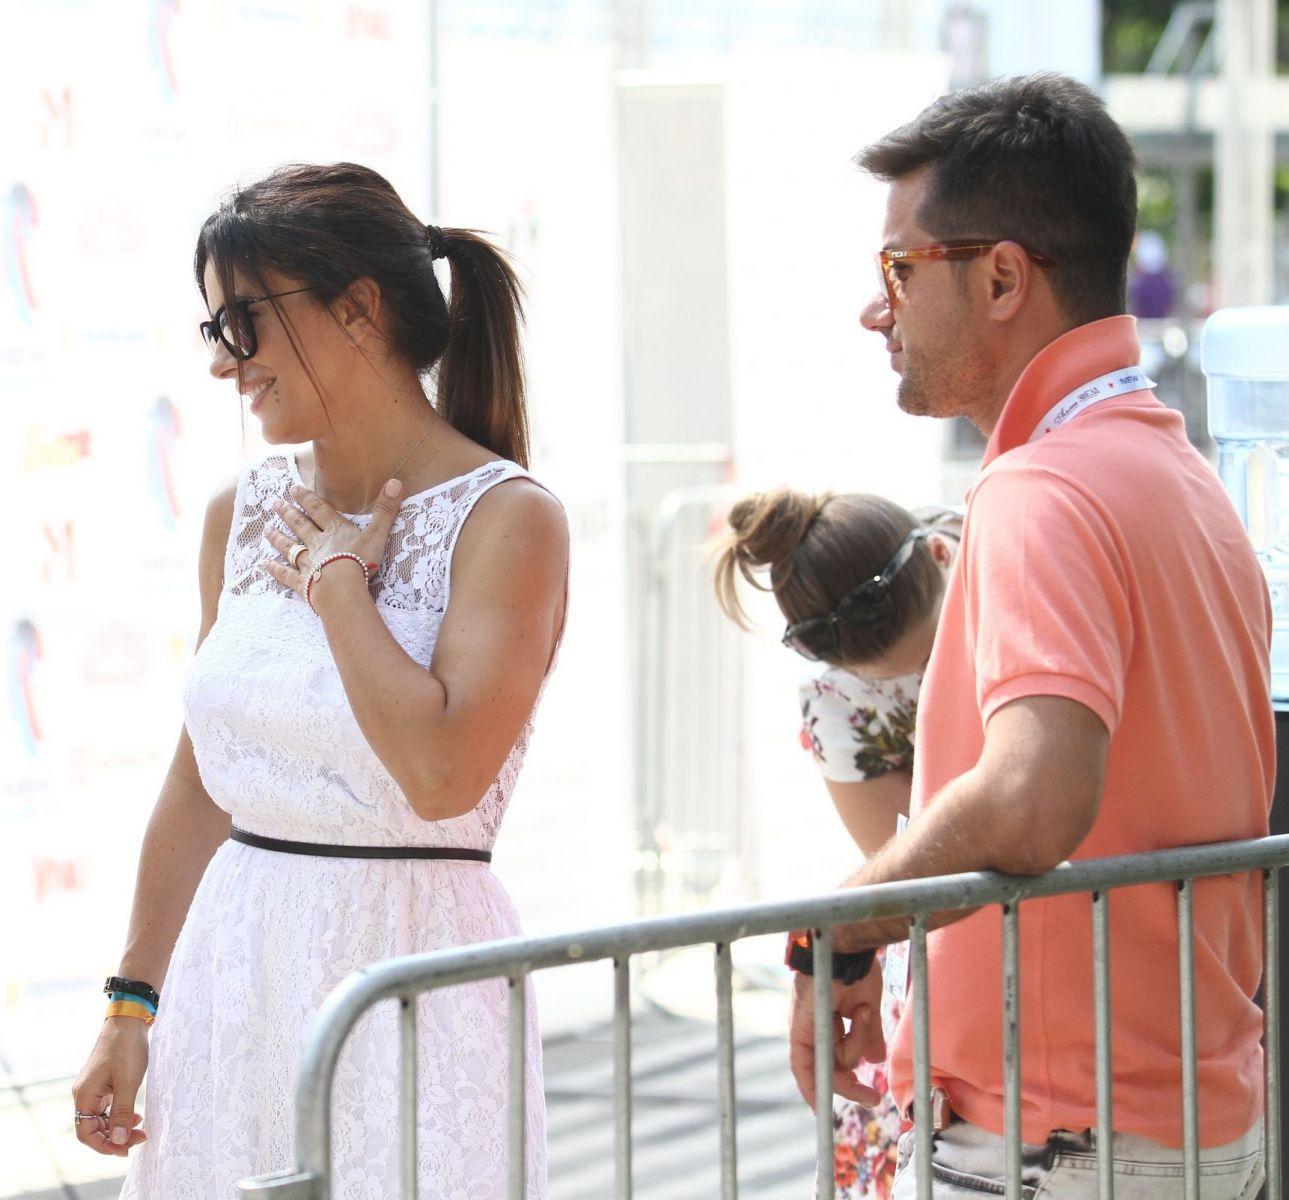 Ани Лорак позирует с любимым мужем